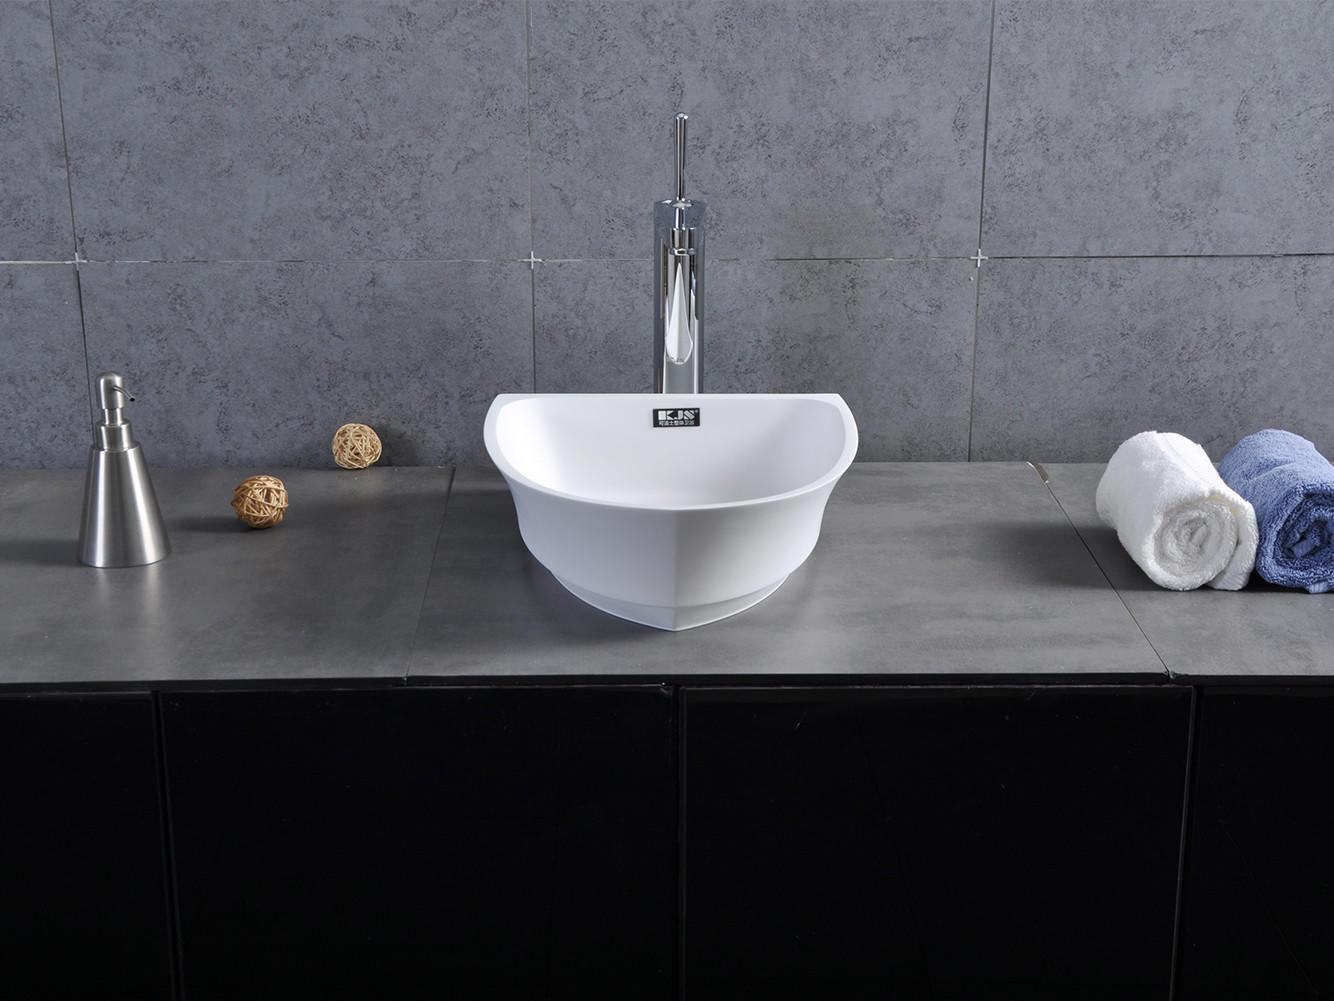 Bellissimo-Boat Shape Design Resin Solid Surface Wash Basin Bathroom Sink Bs-8345-1